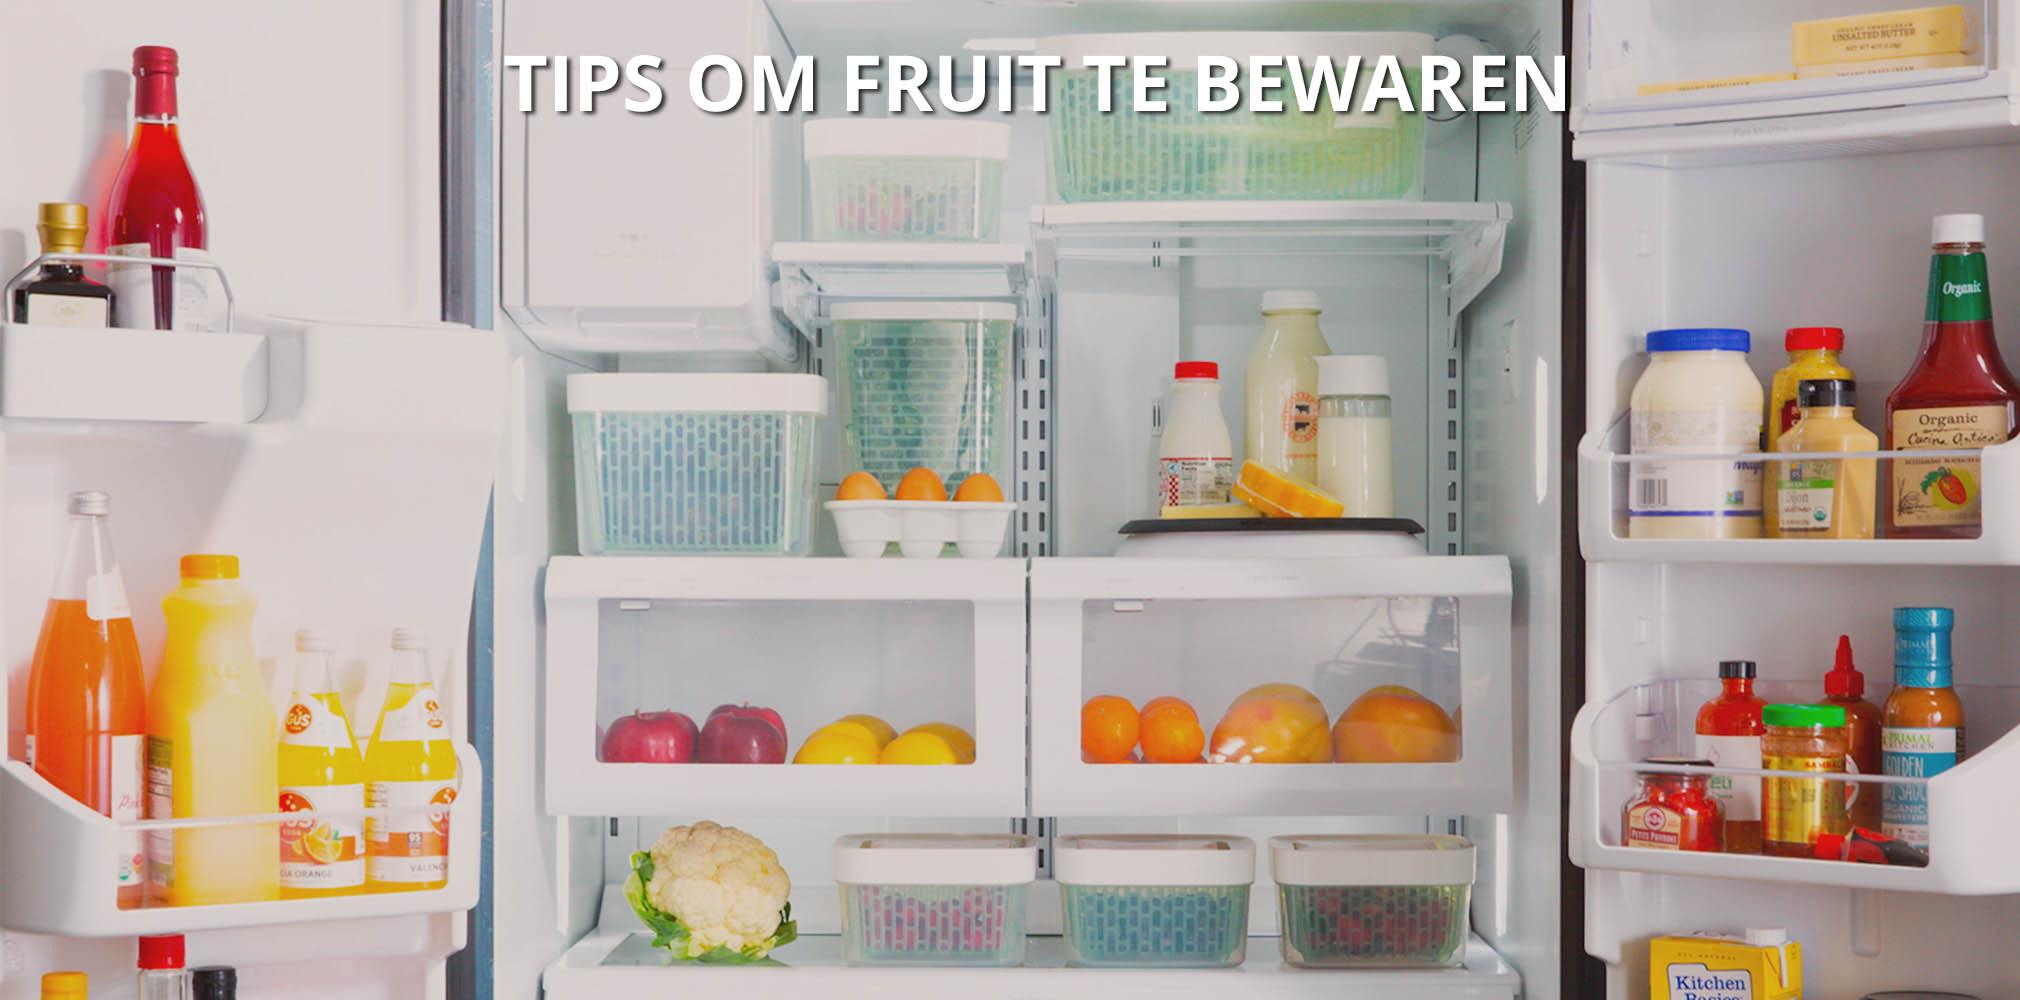 OXO tips om fruit te bewaren